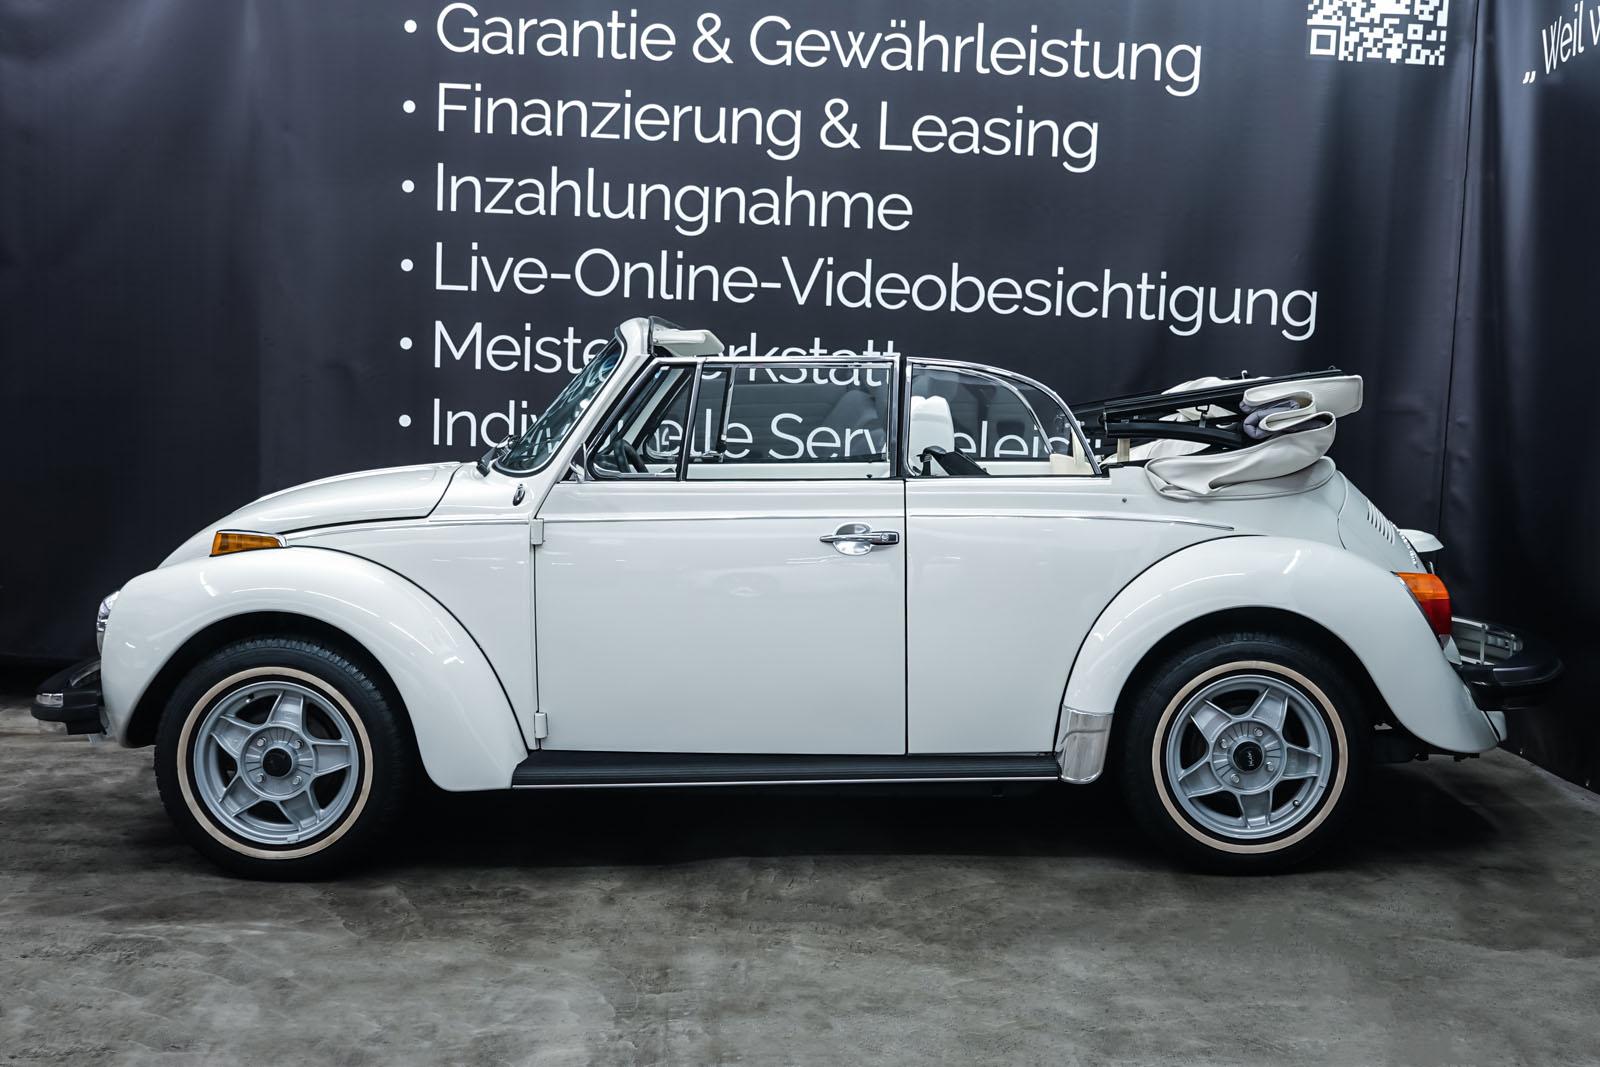 VW_Käfer_Cabrio_Weiß_Weiß_VW-3481_6_w